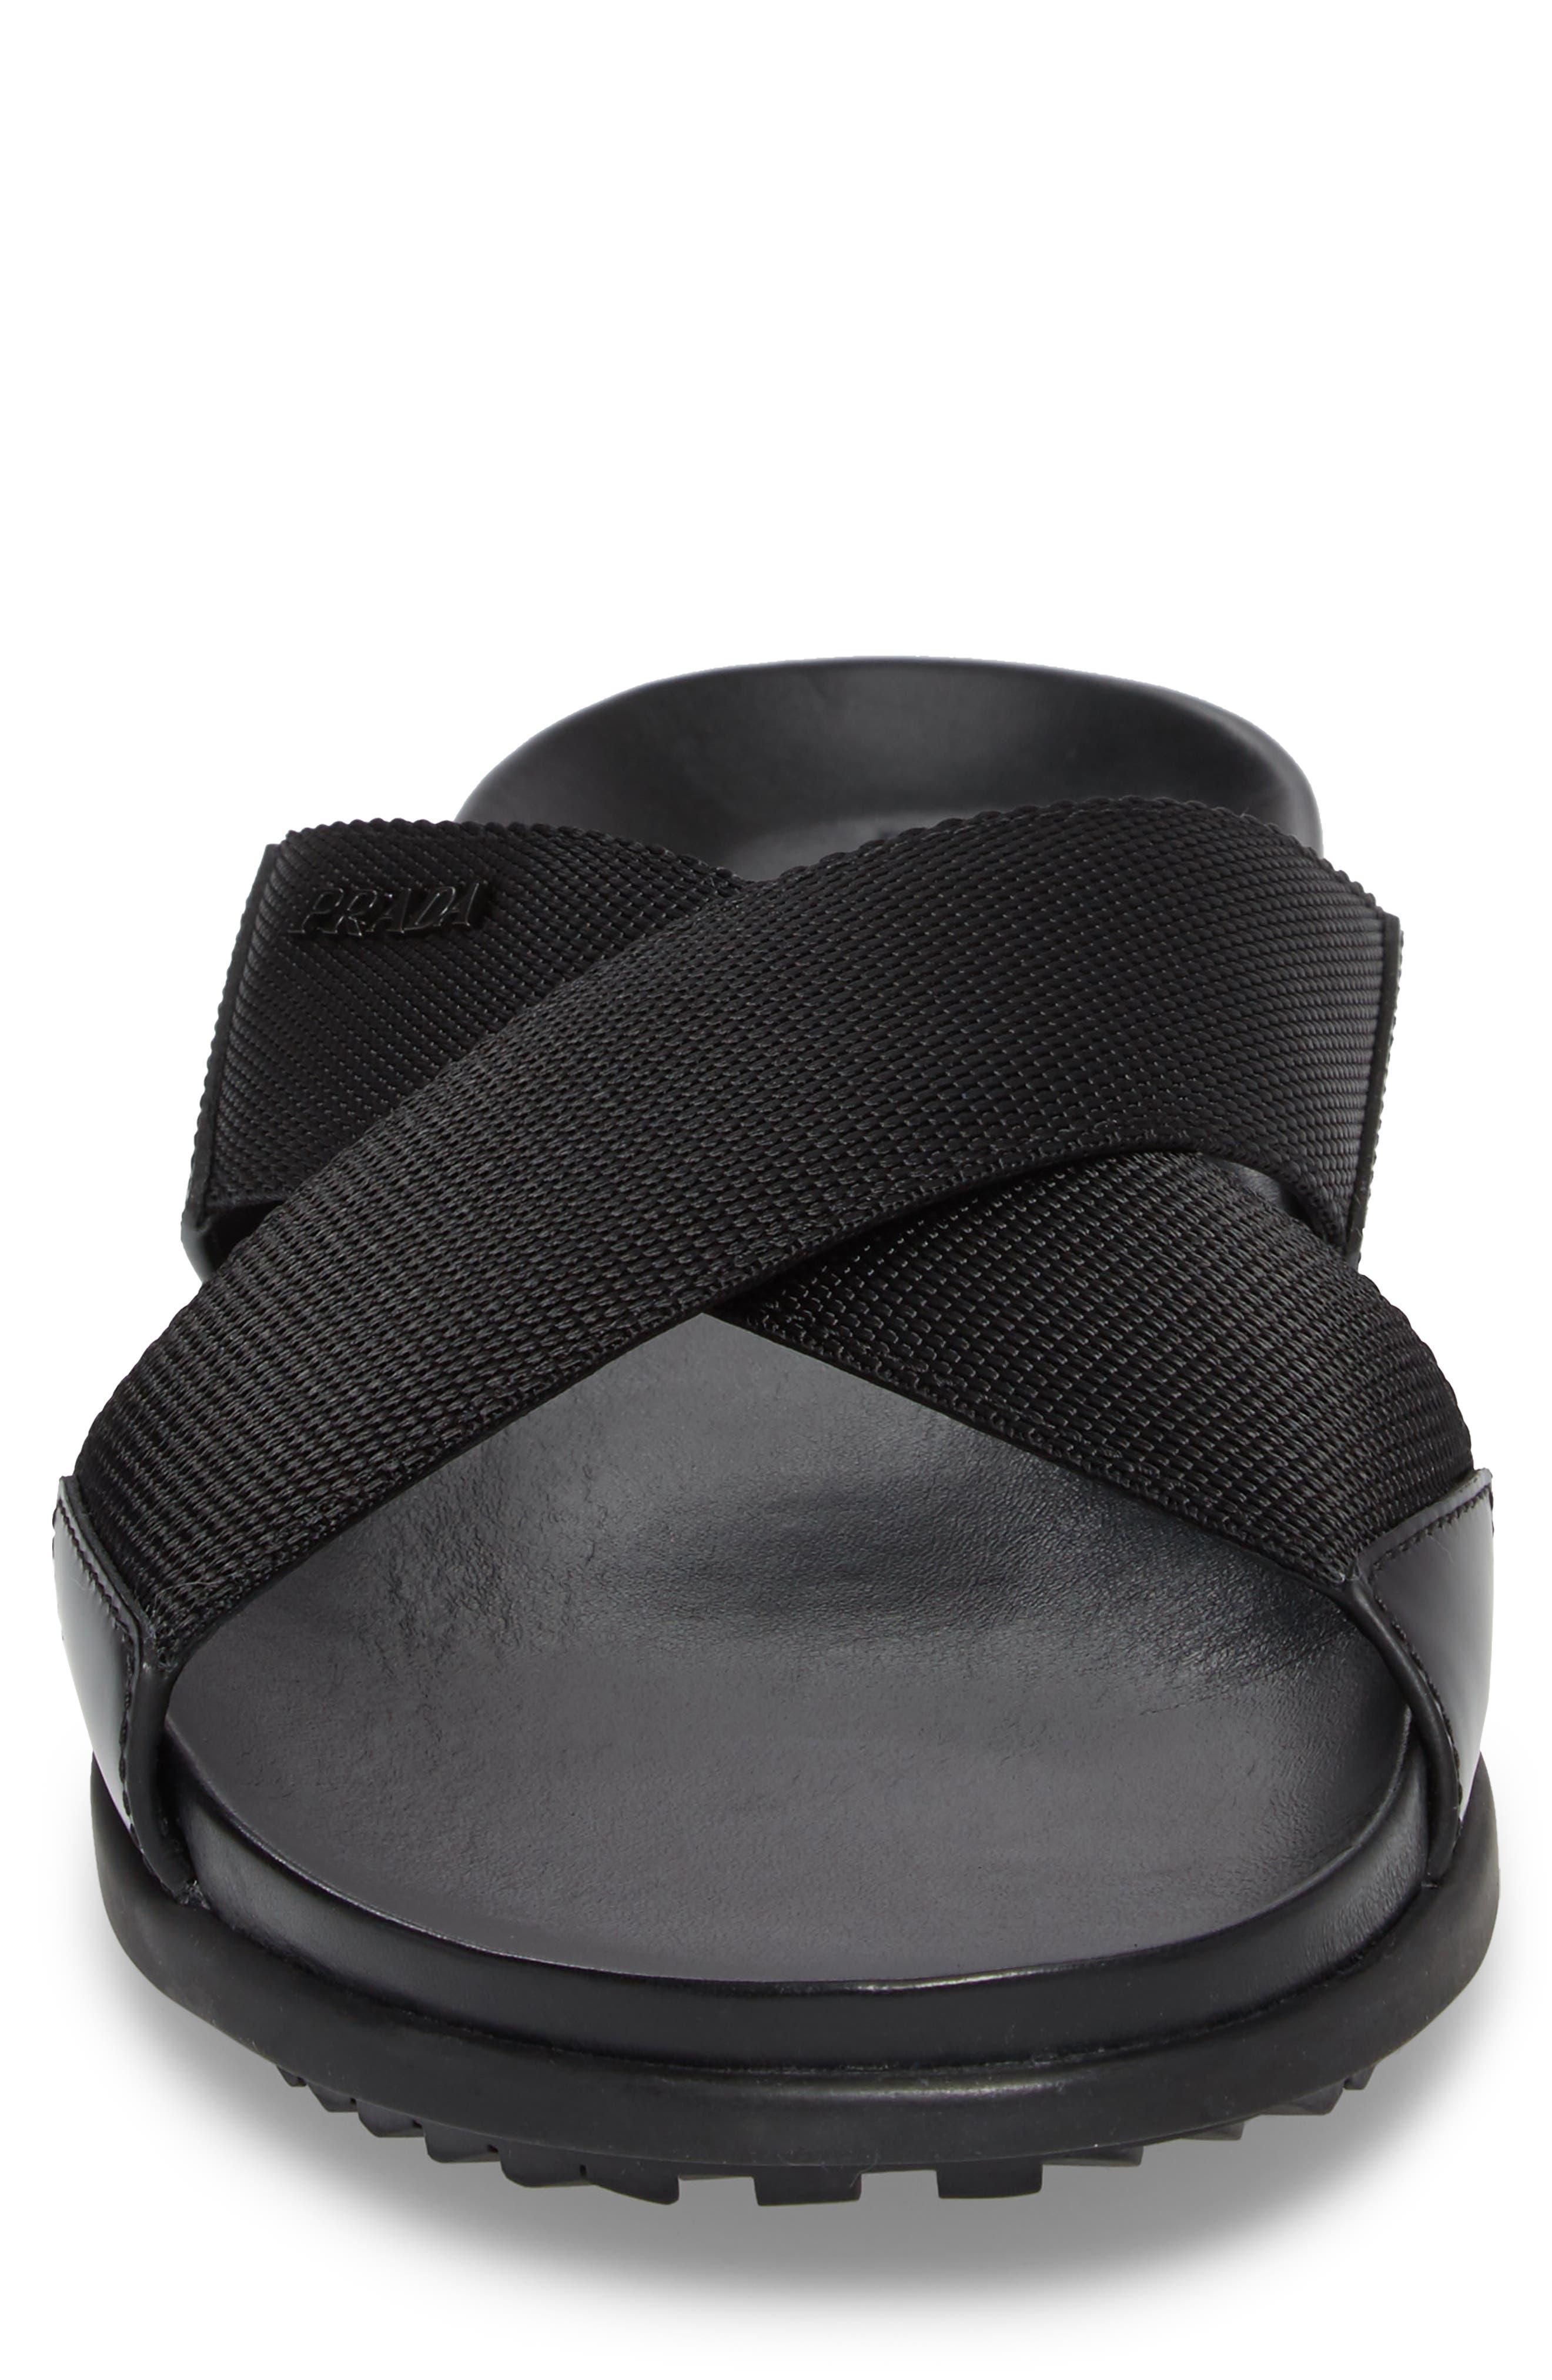 Linea Rossa Slide Sandal,                             Alternate thumbnail 4, color,                             001